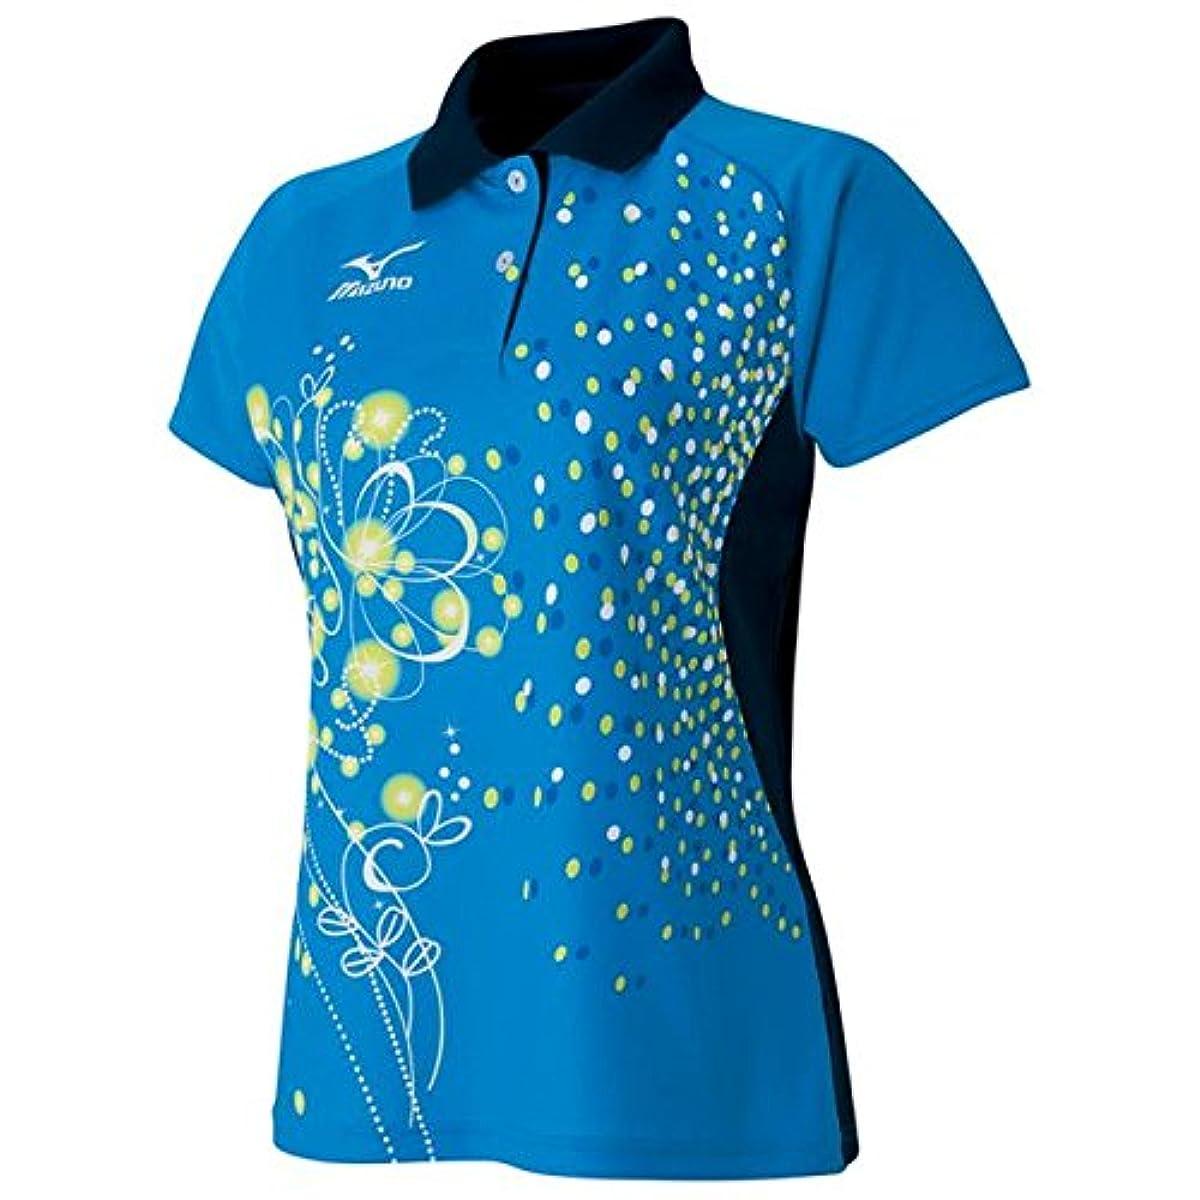 [해외] 미즈노(MIZUNO) 탁구 women's 게임 셔츠 (WOMENS) 82JA6802-